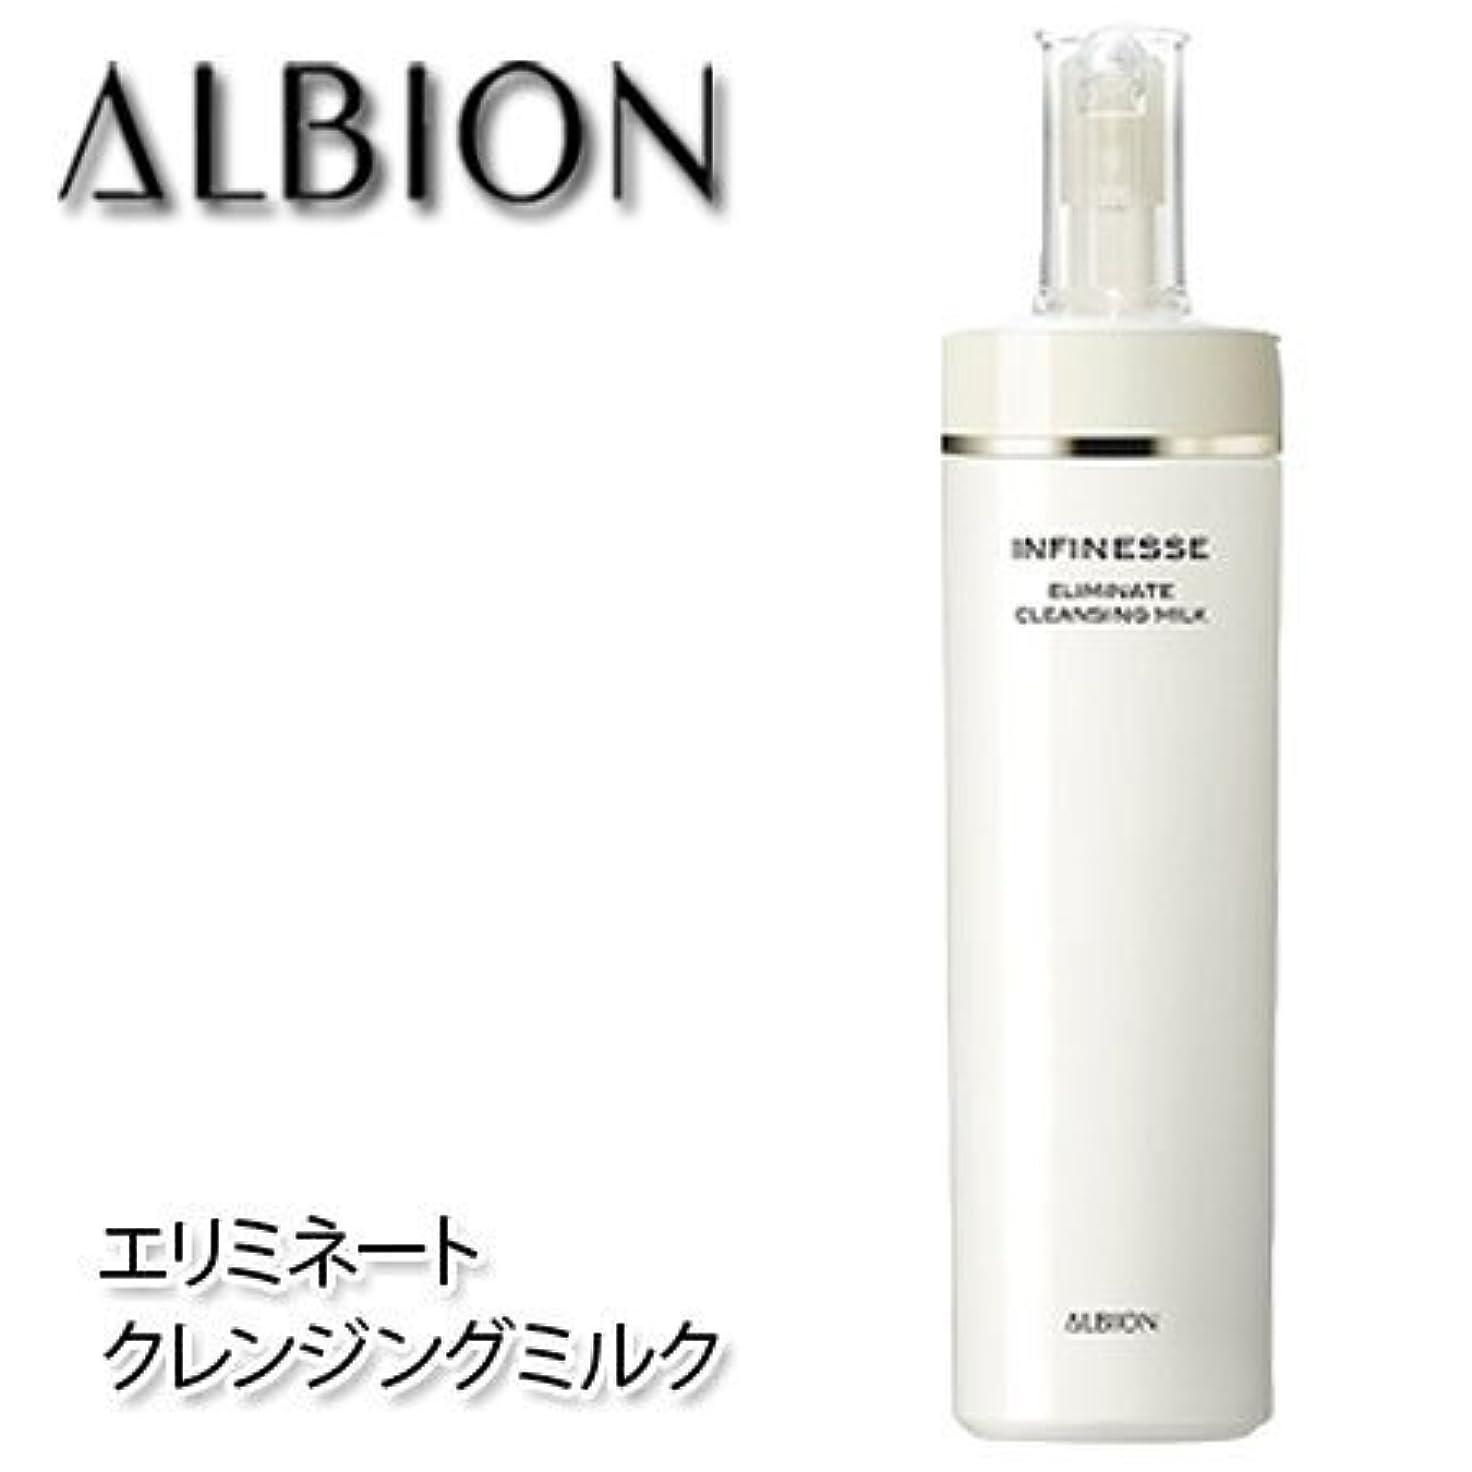 ウェイトレスオーナメント解凍する、雪解け、霜解けアルビオン アンフィネス エリミネート クレンジングミルク 200g-ALBION-